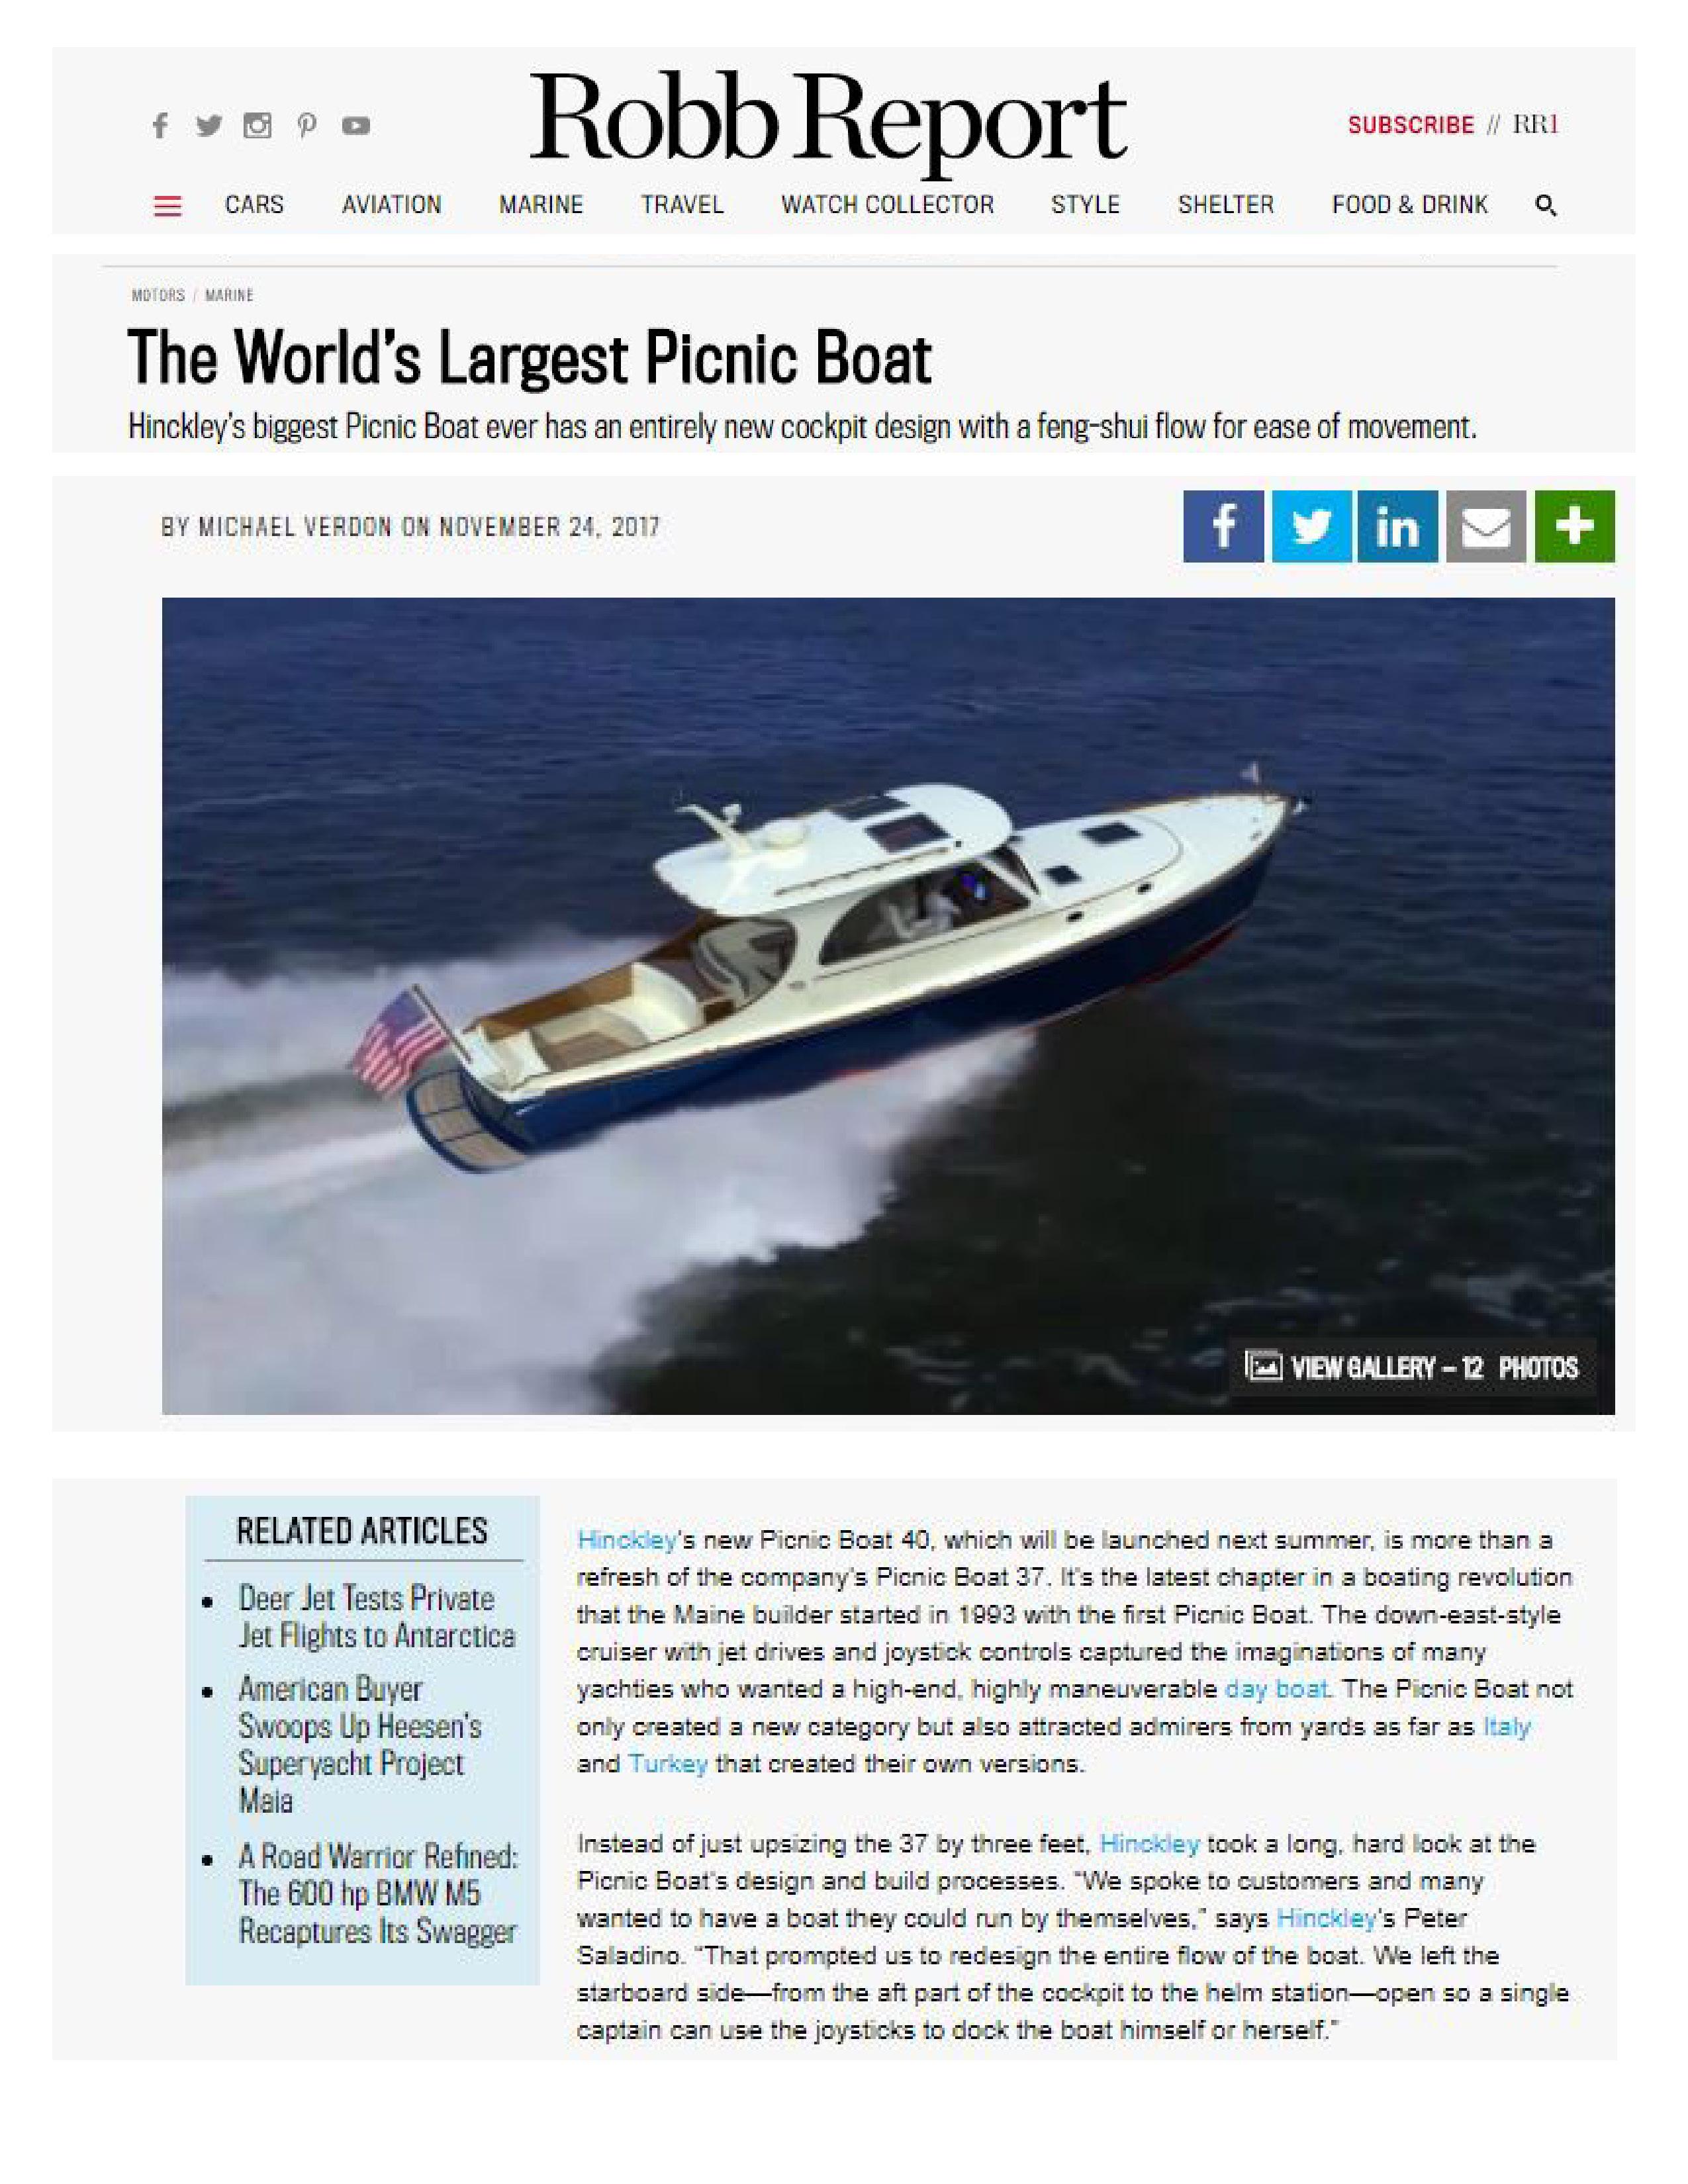 Picnic Boat 40 in Robb Report